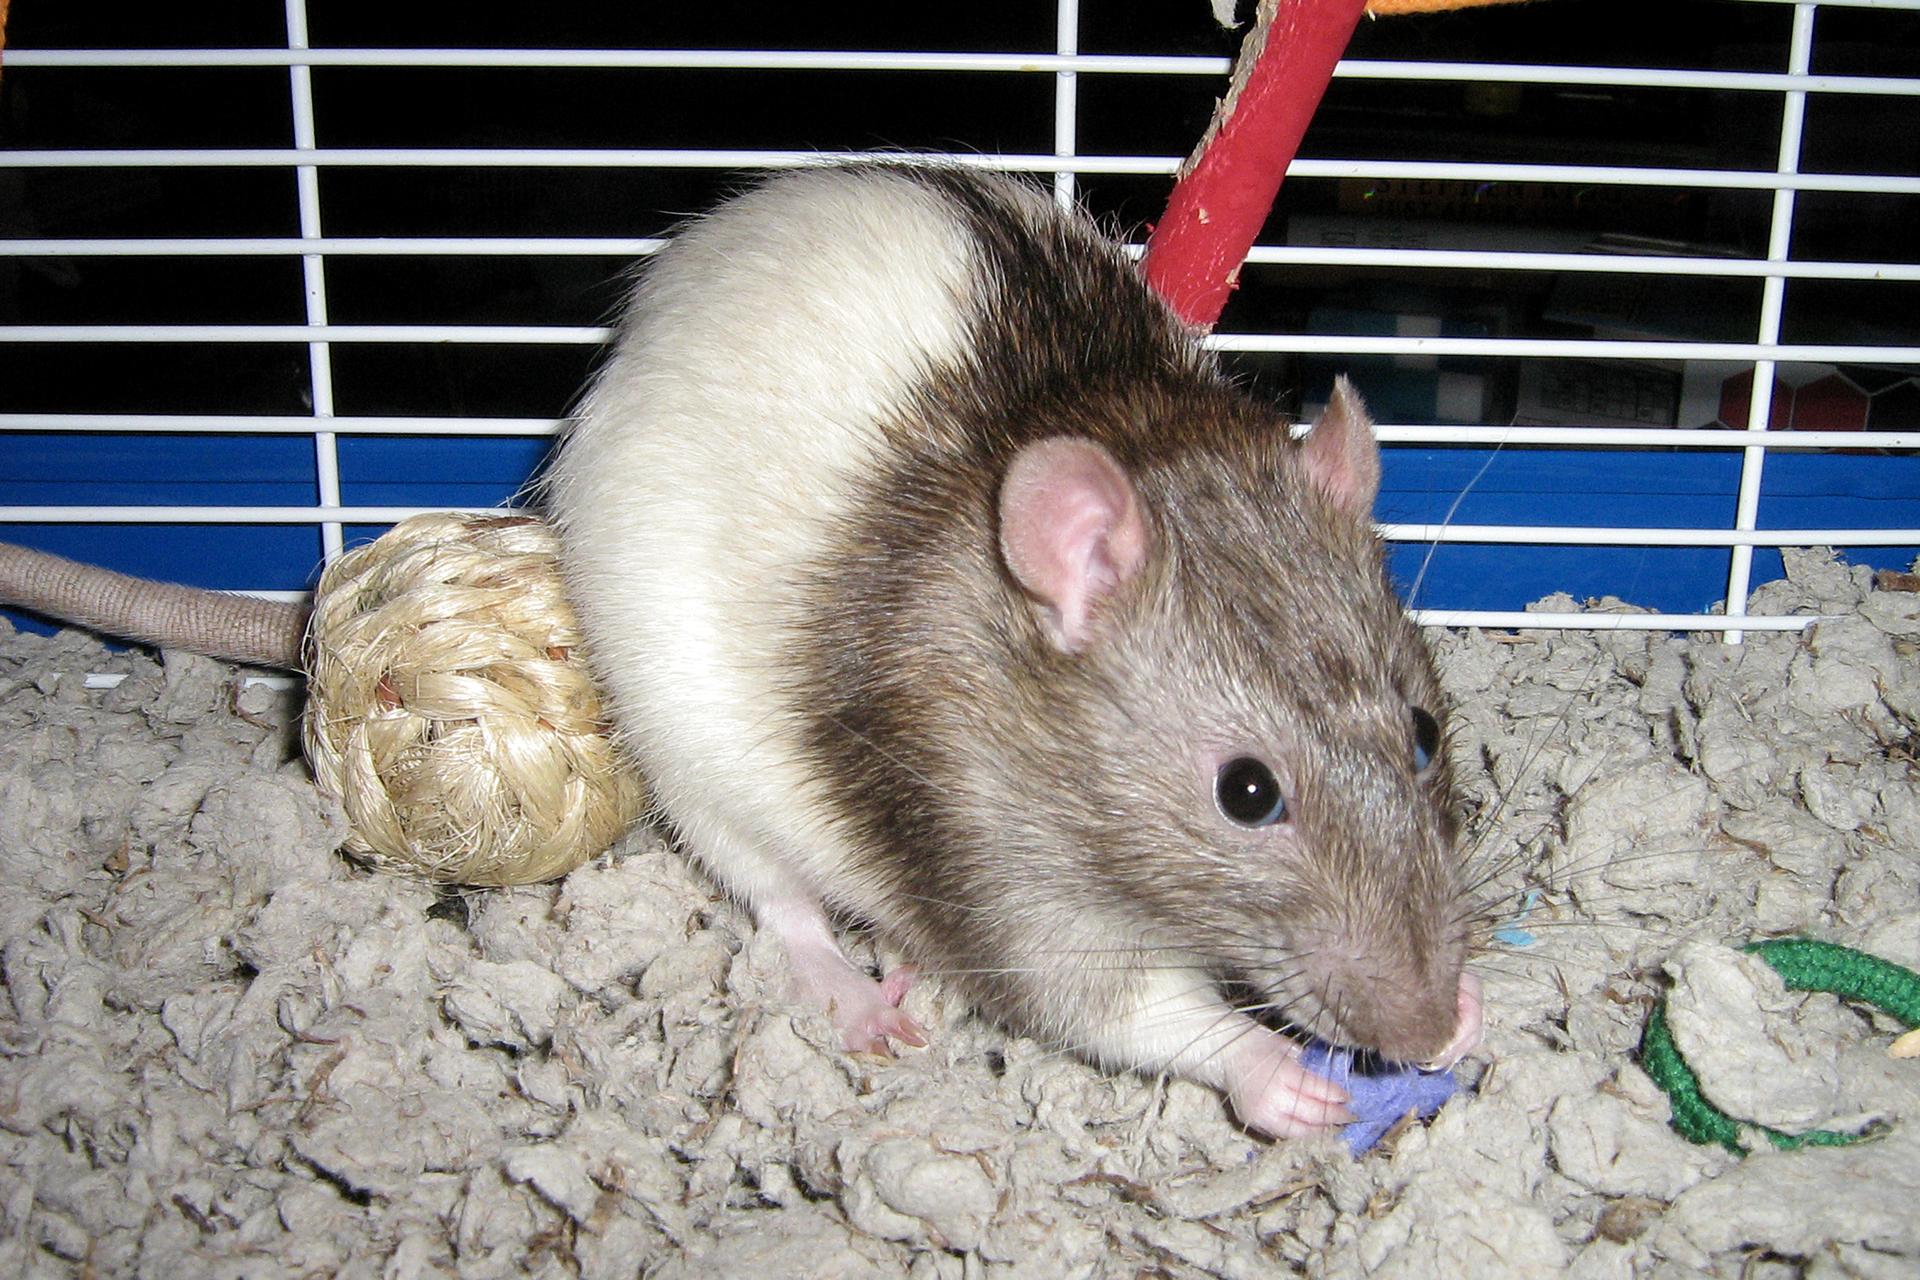 Slajd 4 – prezentuje szczura wklatce bawiącego się zabawką.